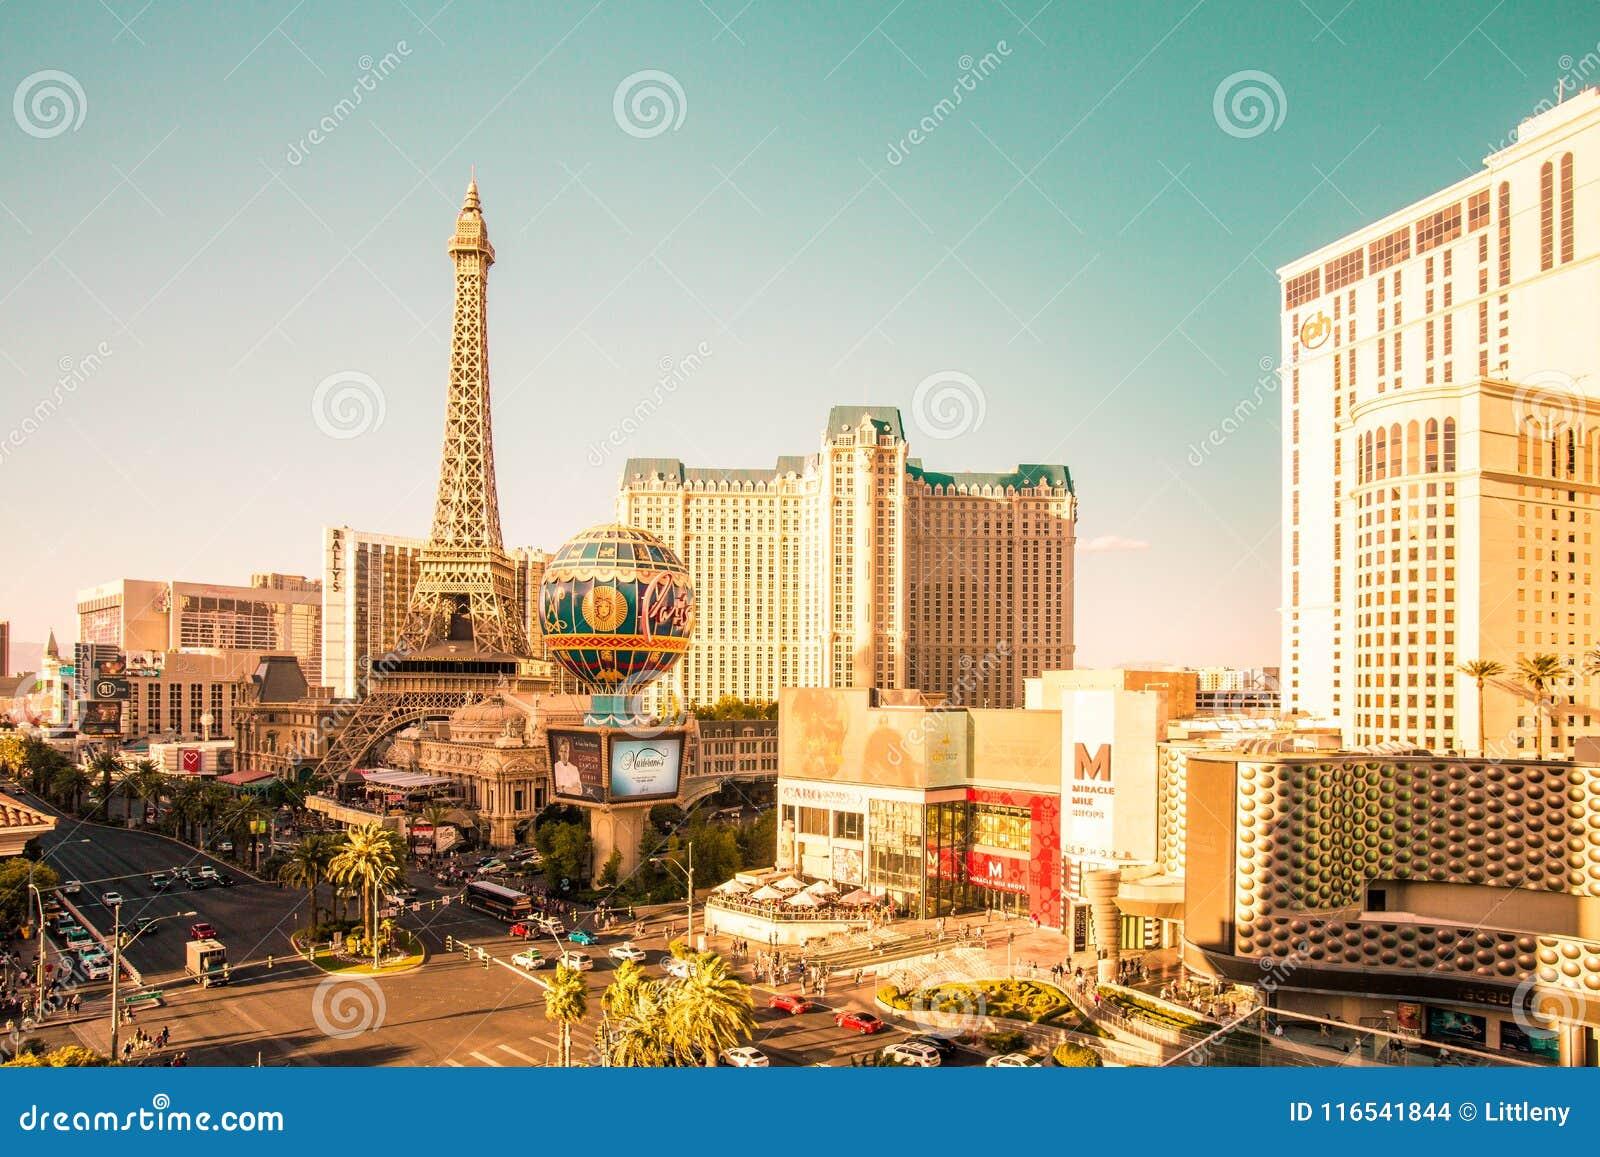 Sunny View Las Vegas Strip